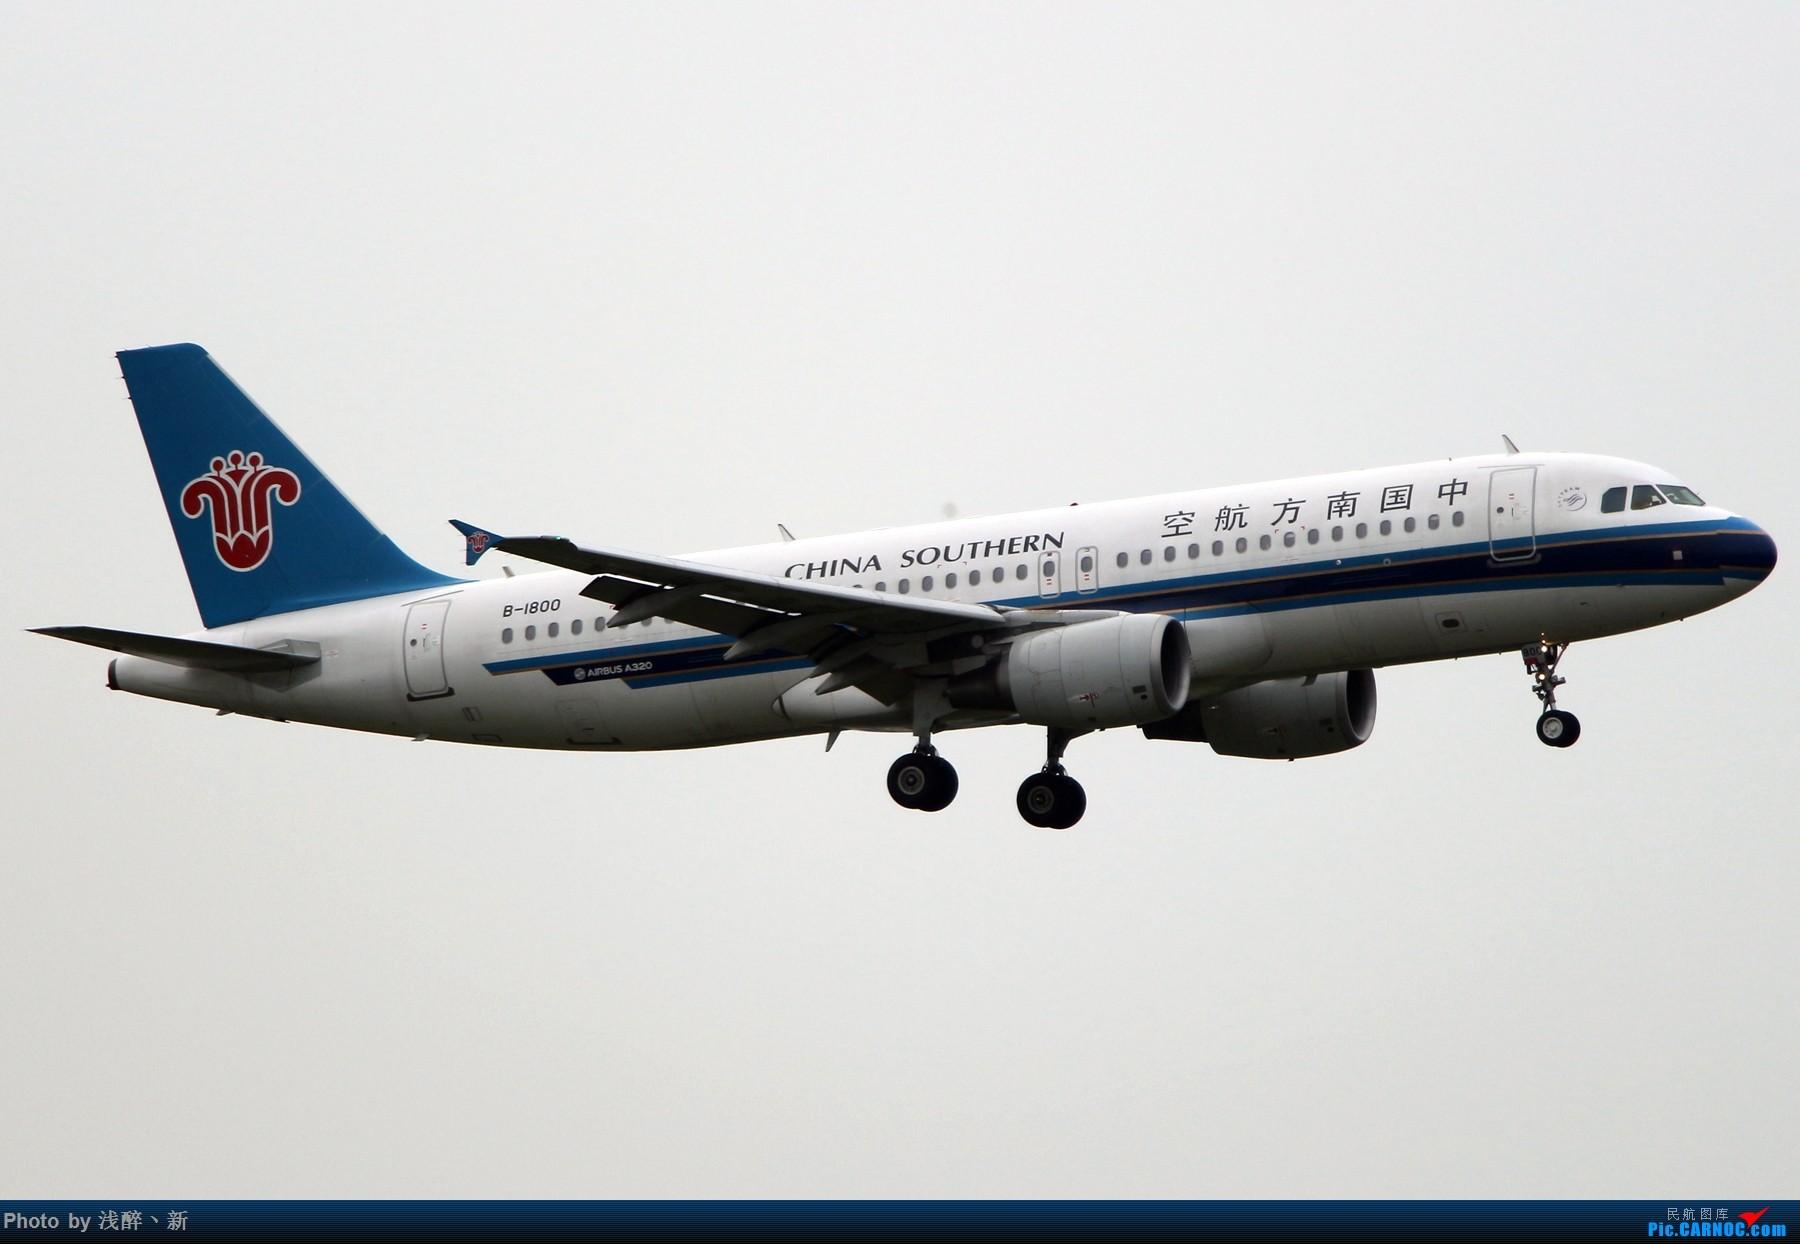 [原创]DLC 8.1 扬子江客运首航+日常[补] AIRBUS A320-200 B-1800 中国大连国际机场